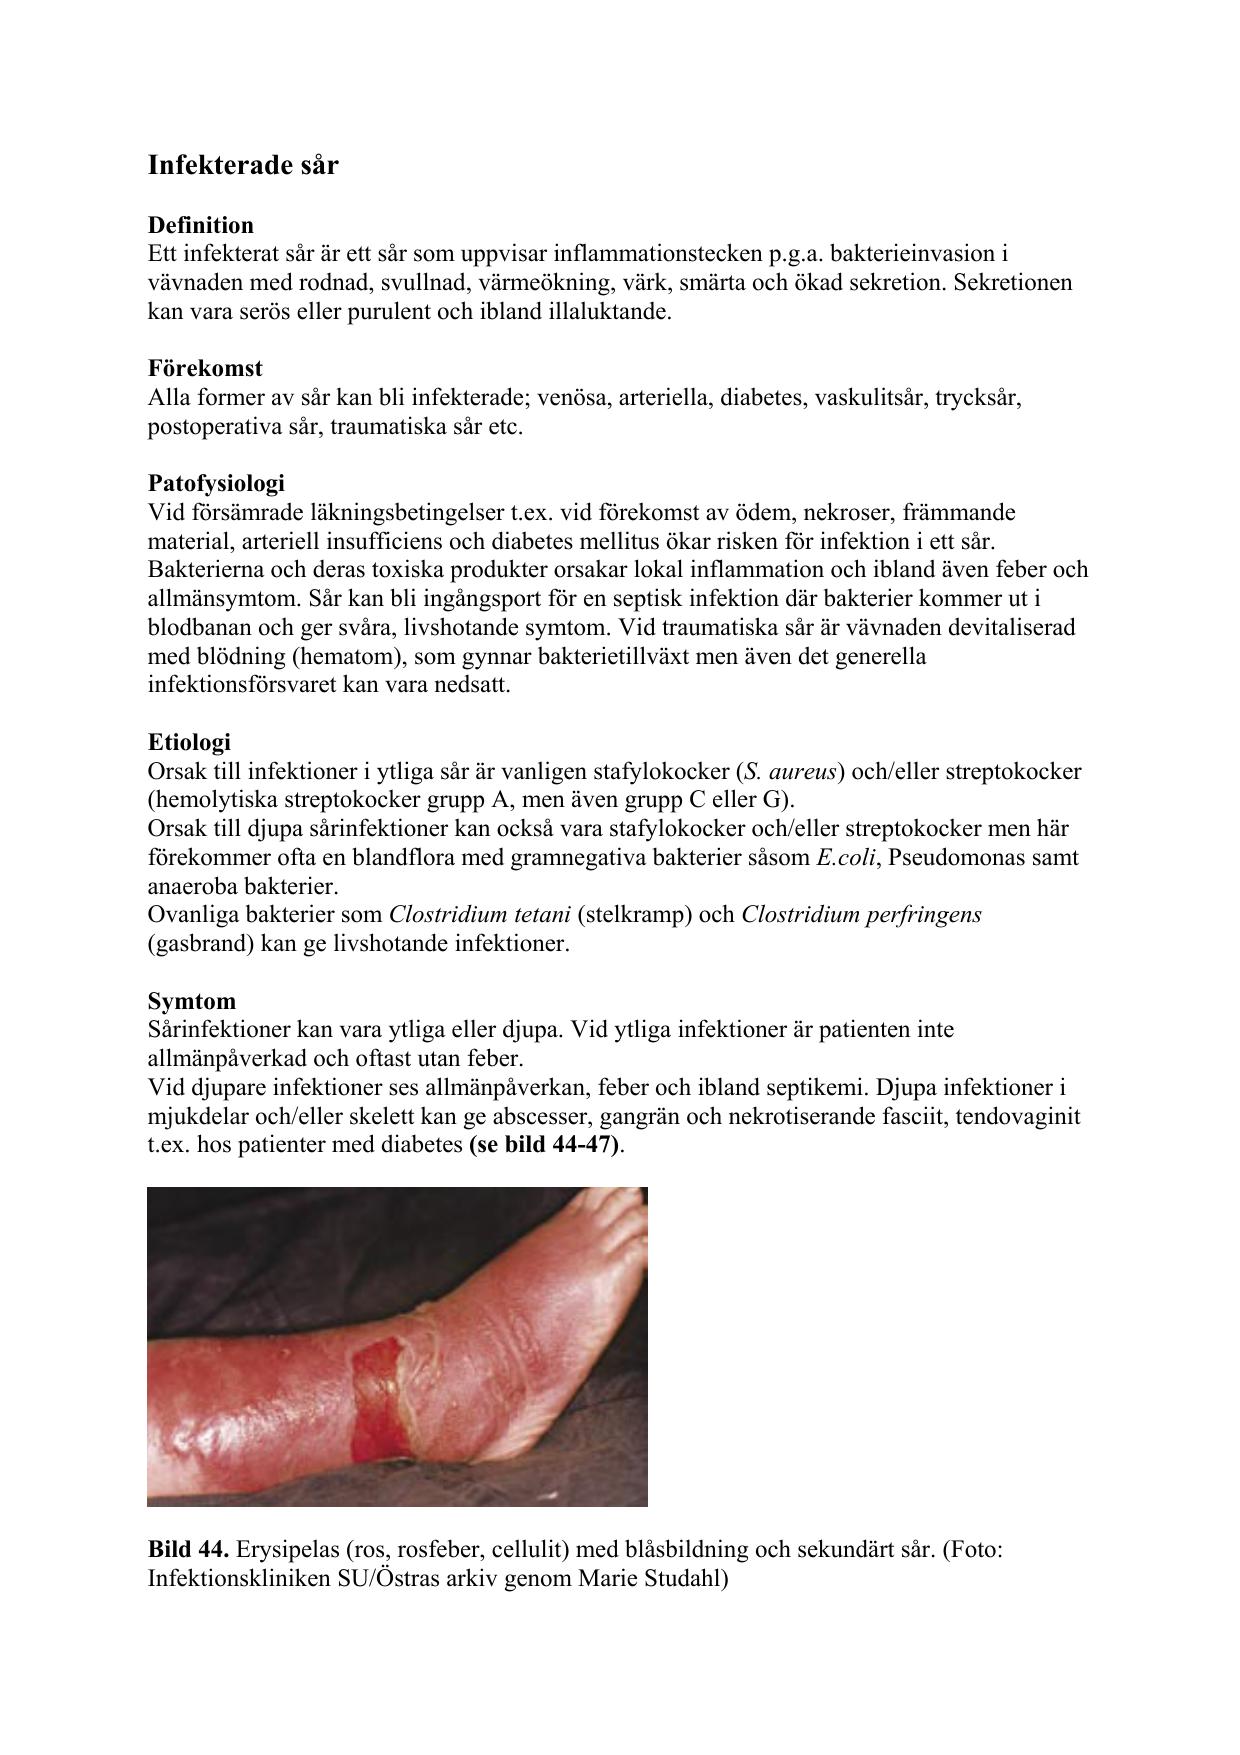 tecken på sårinfektion